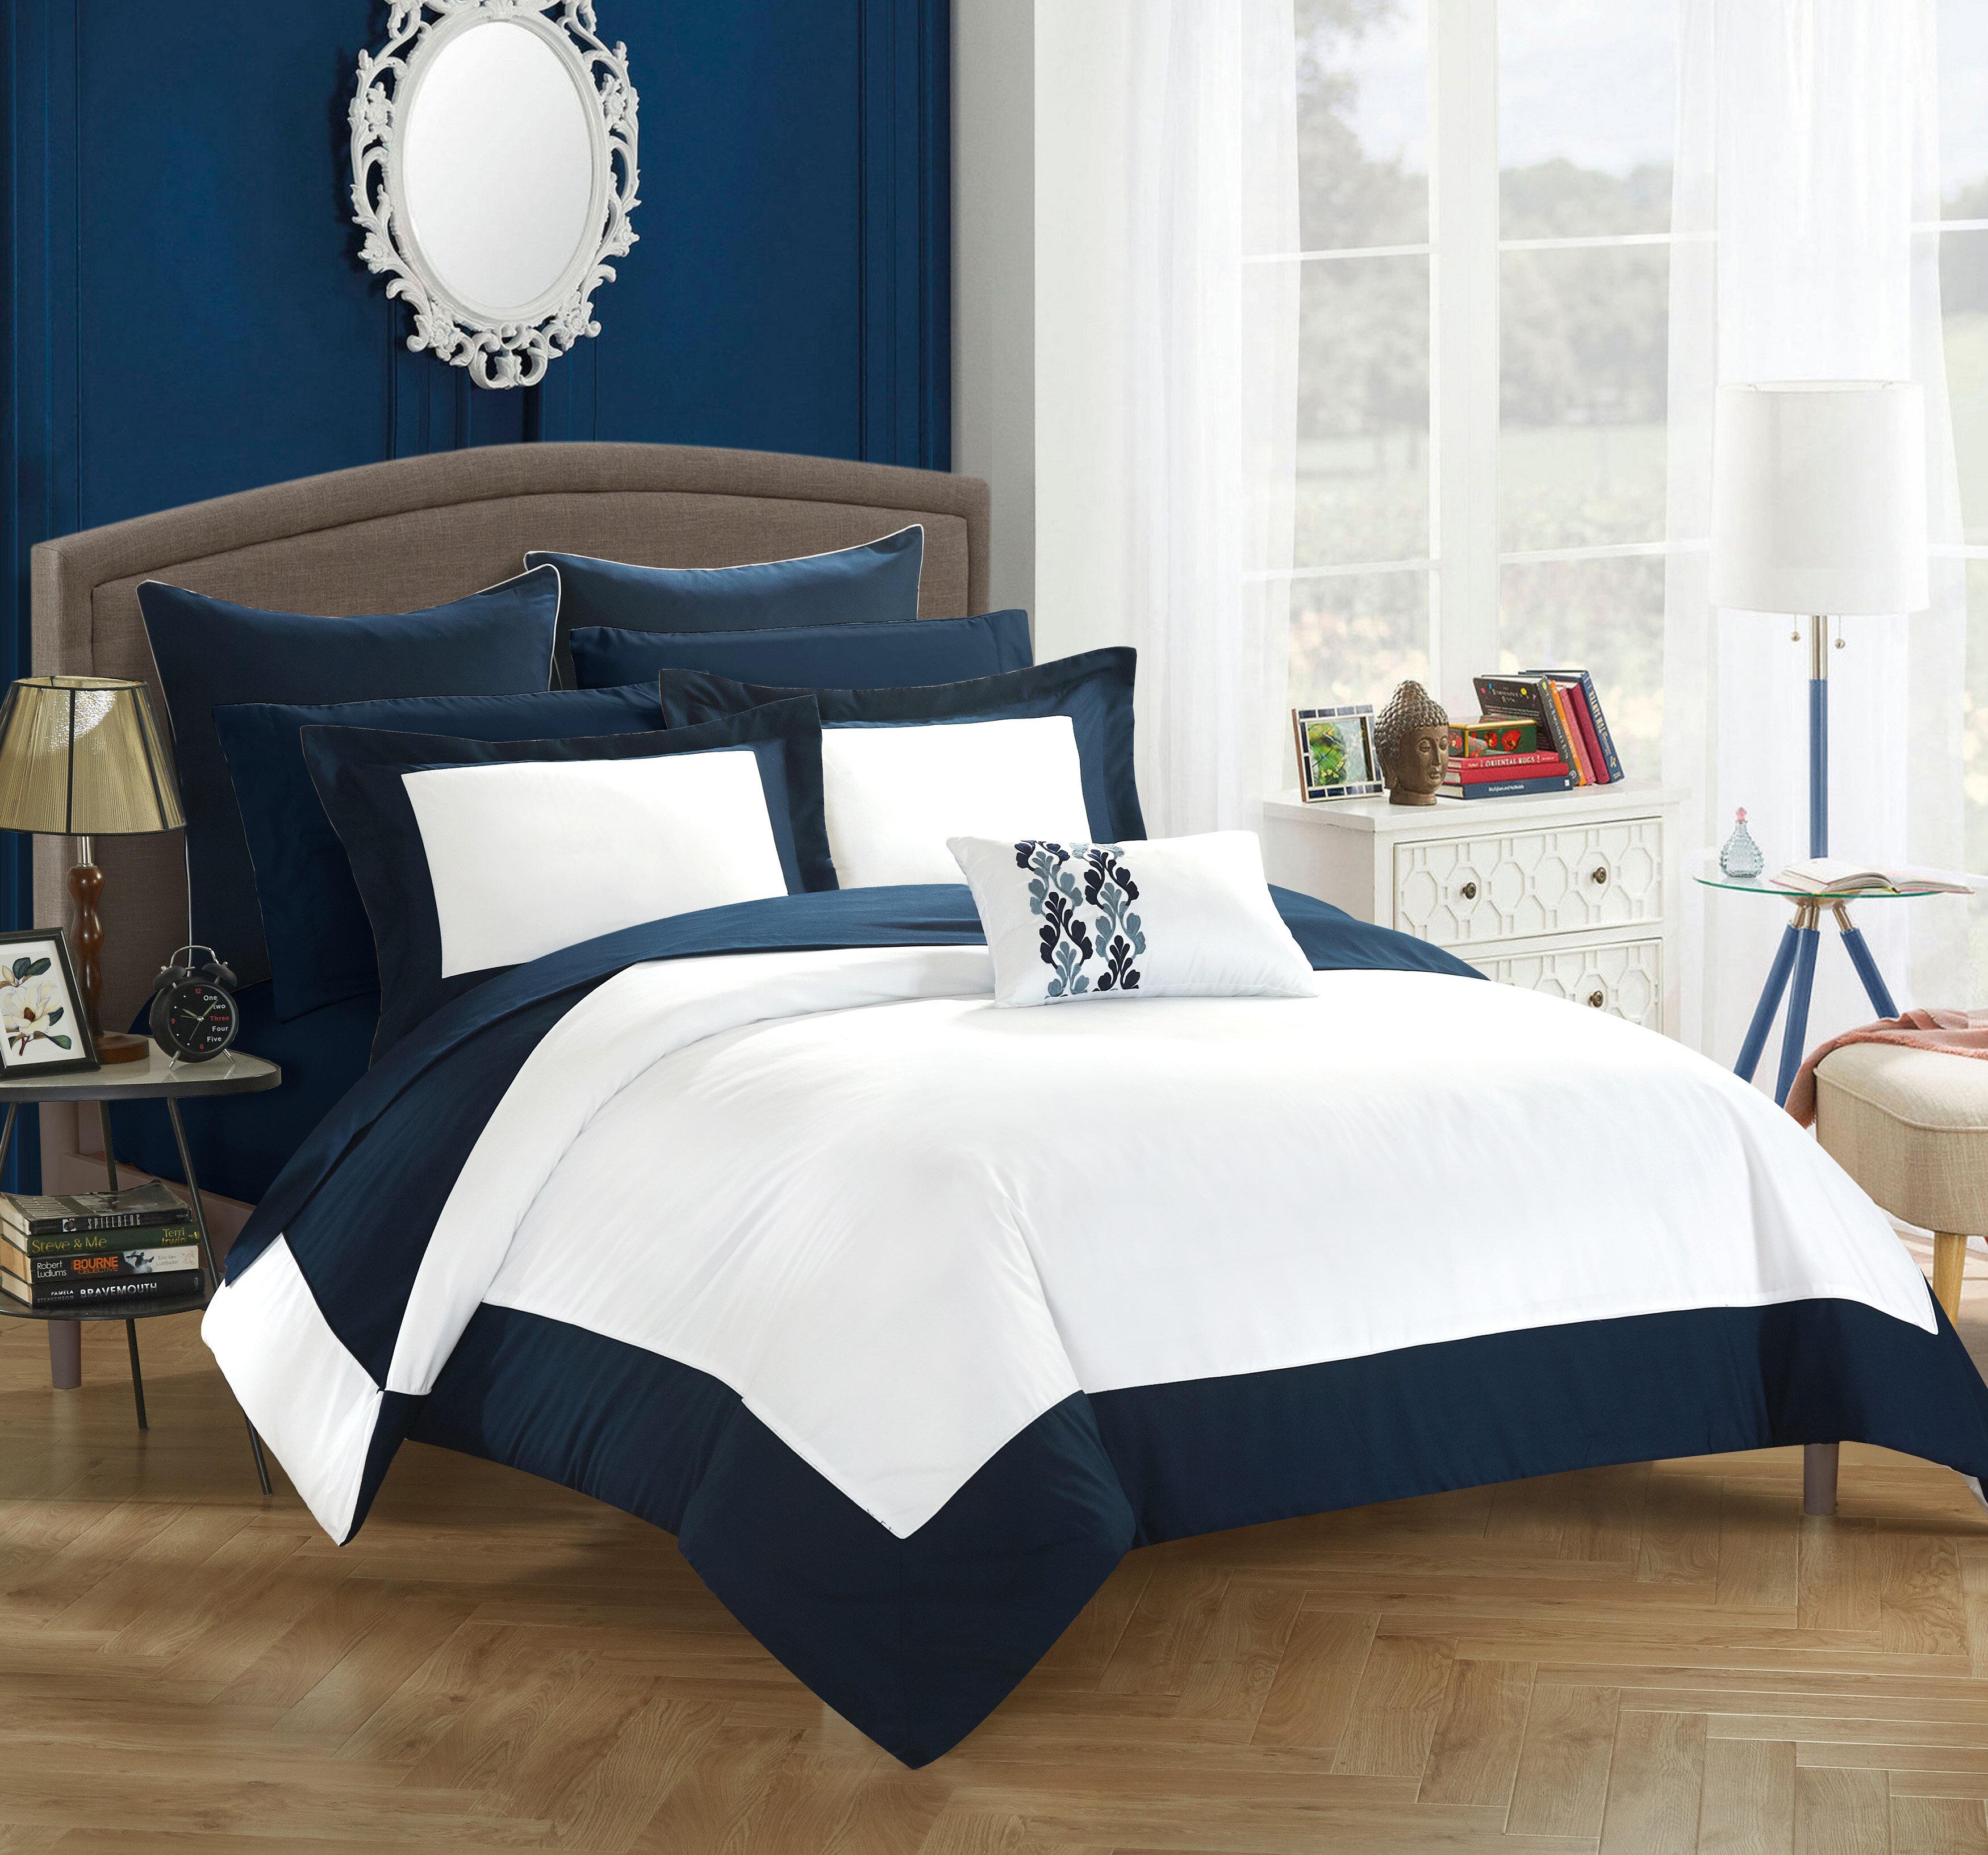 hylton products bedding highline co bed set comforter